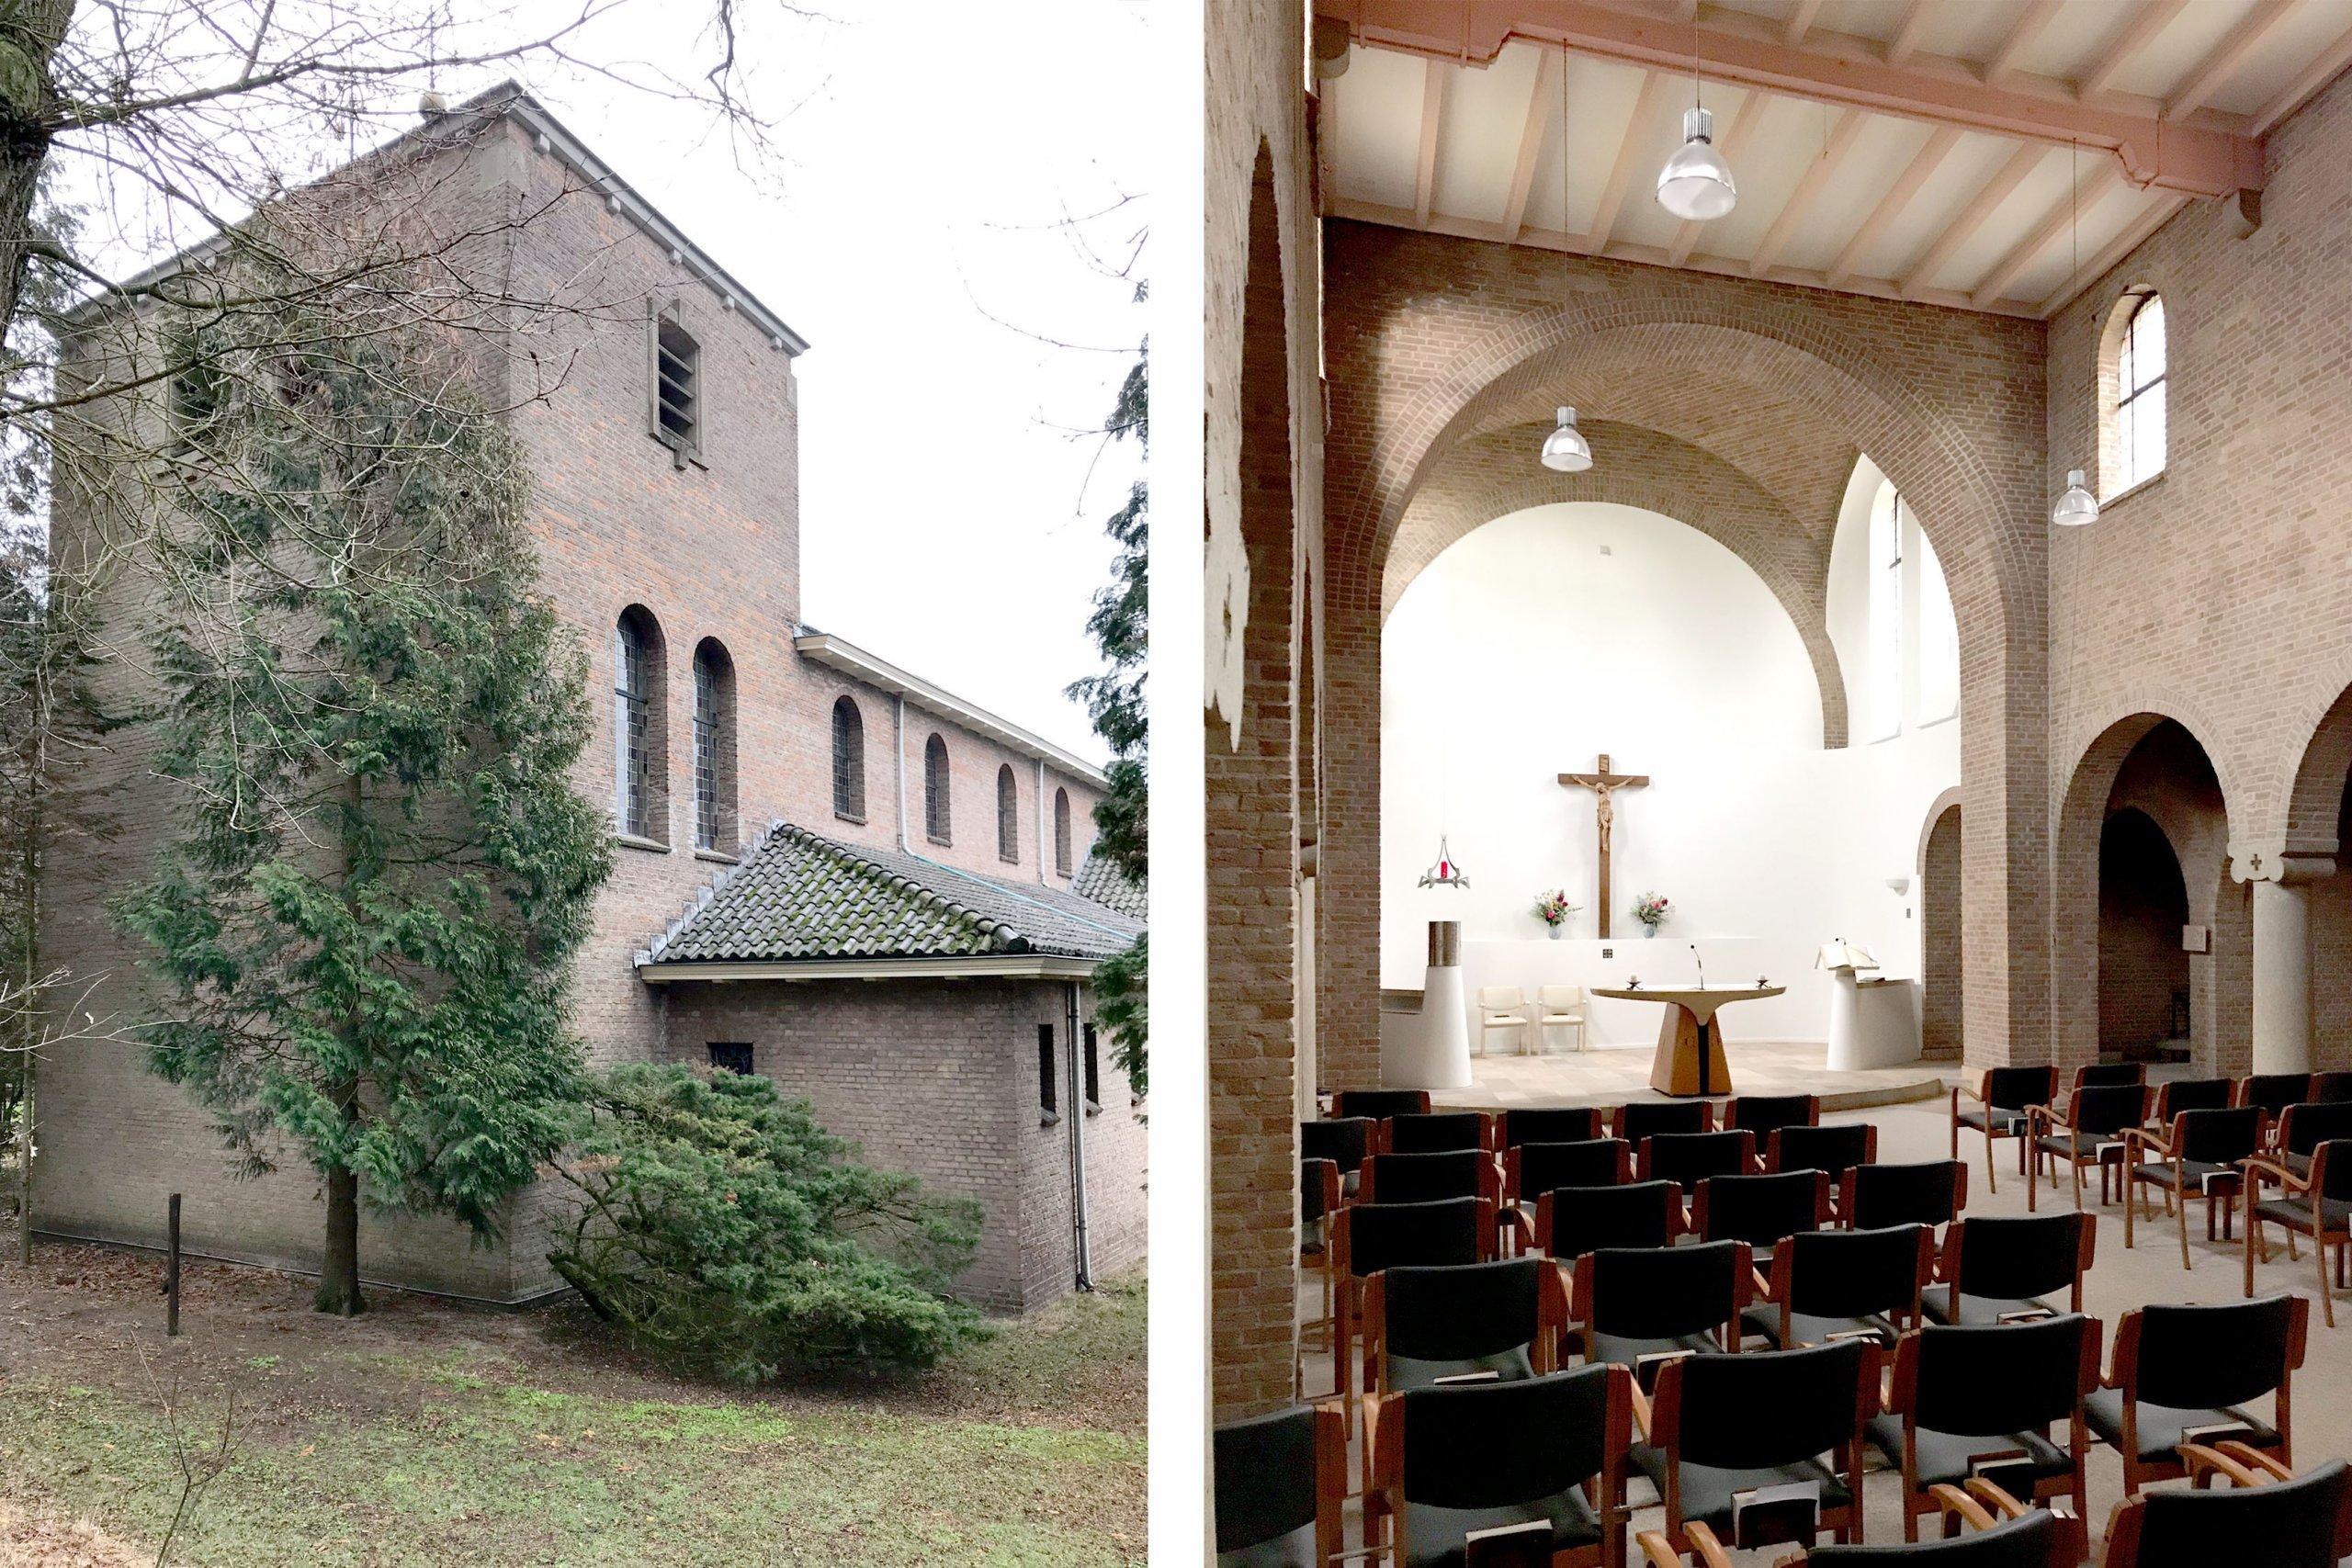 fotos van het bestaande kapelletje op het terrein van missiehuis Vrijland